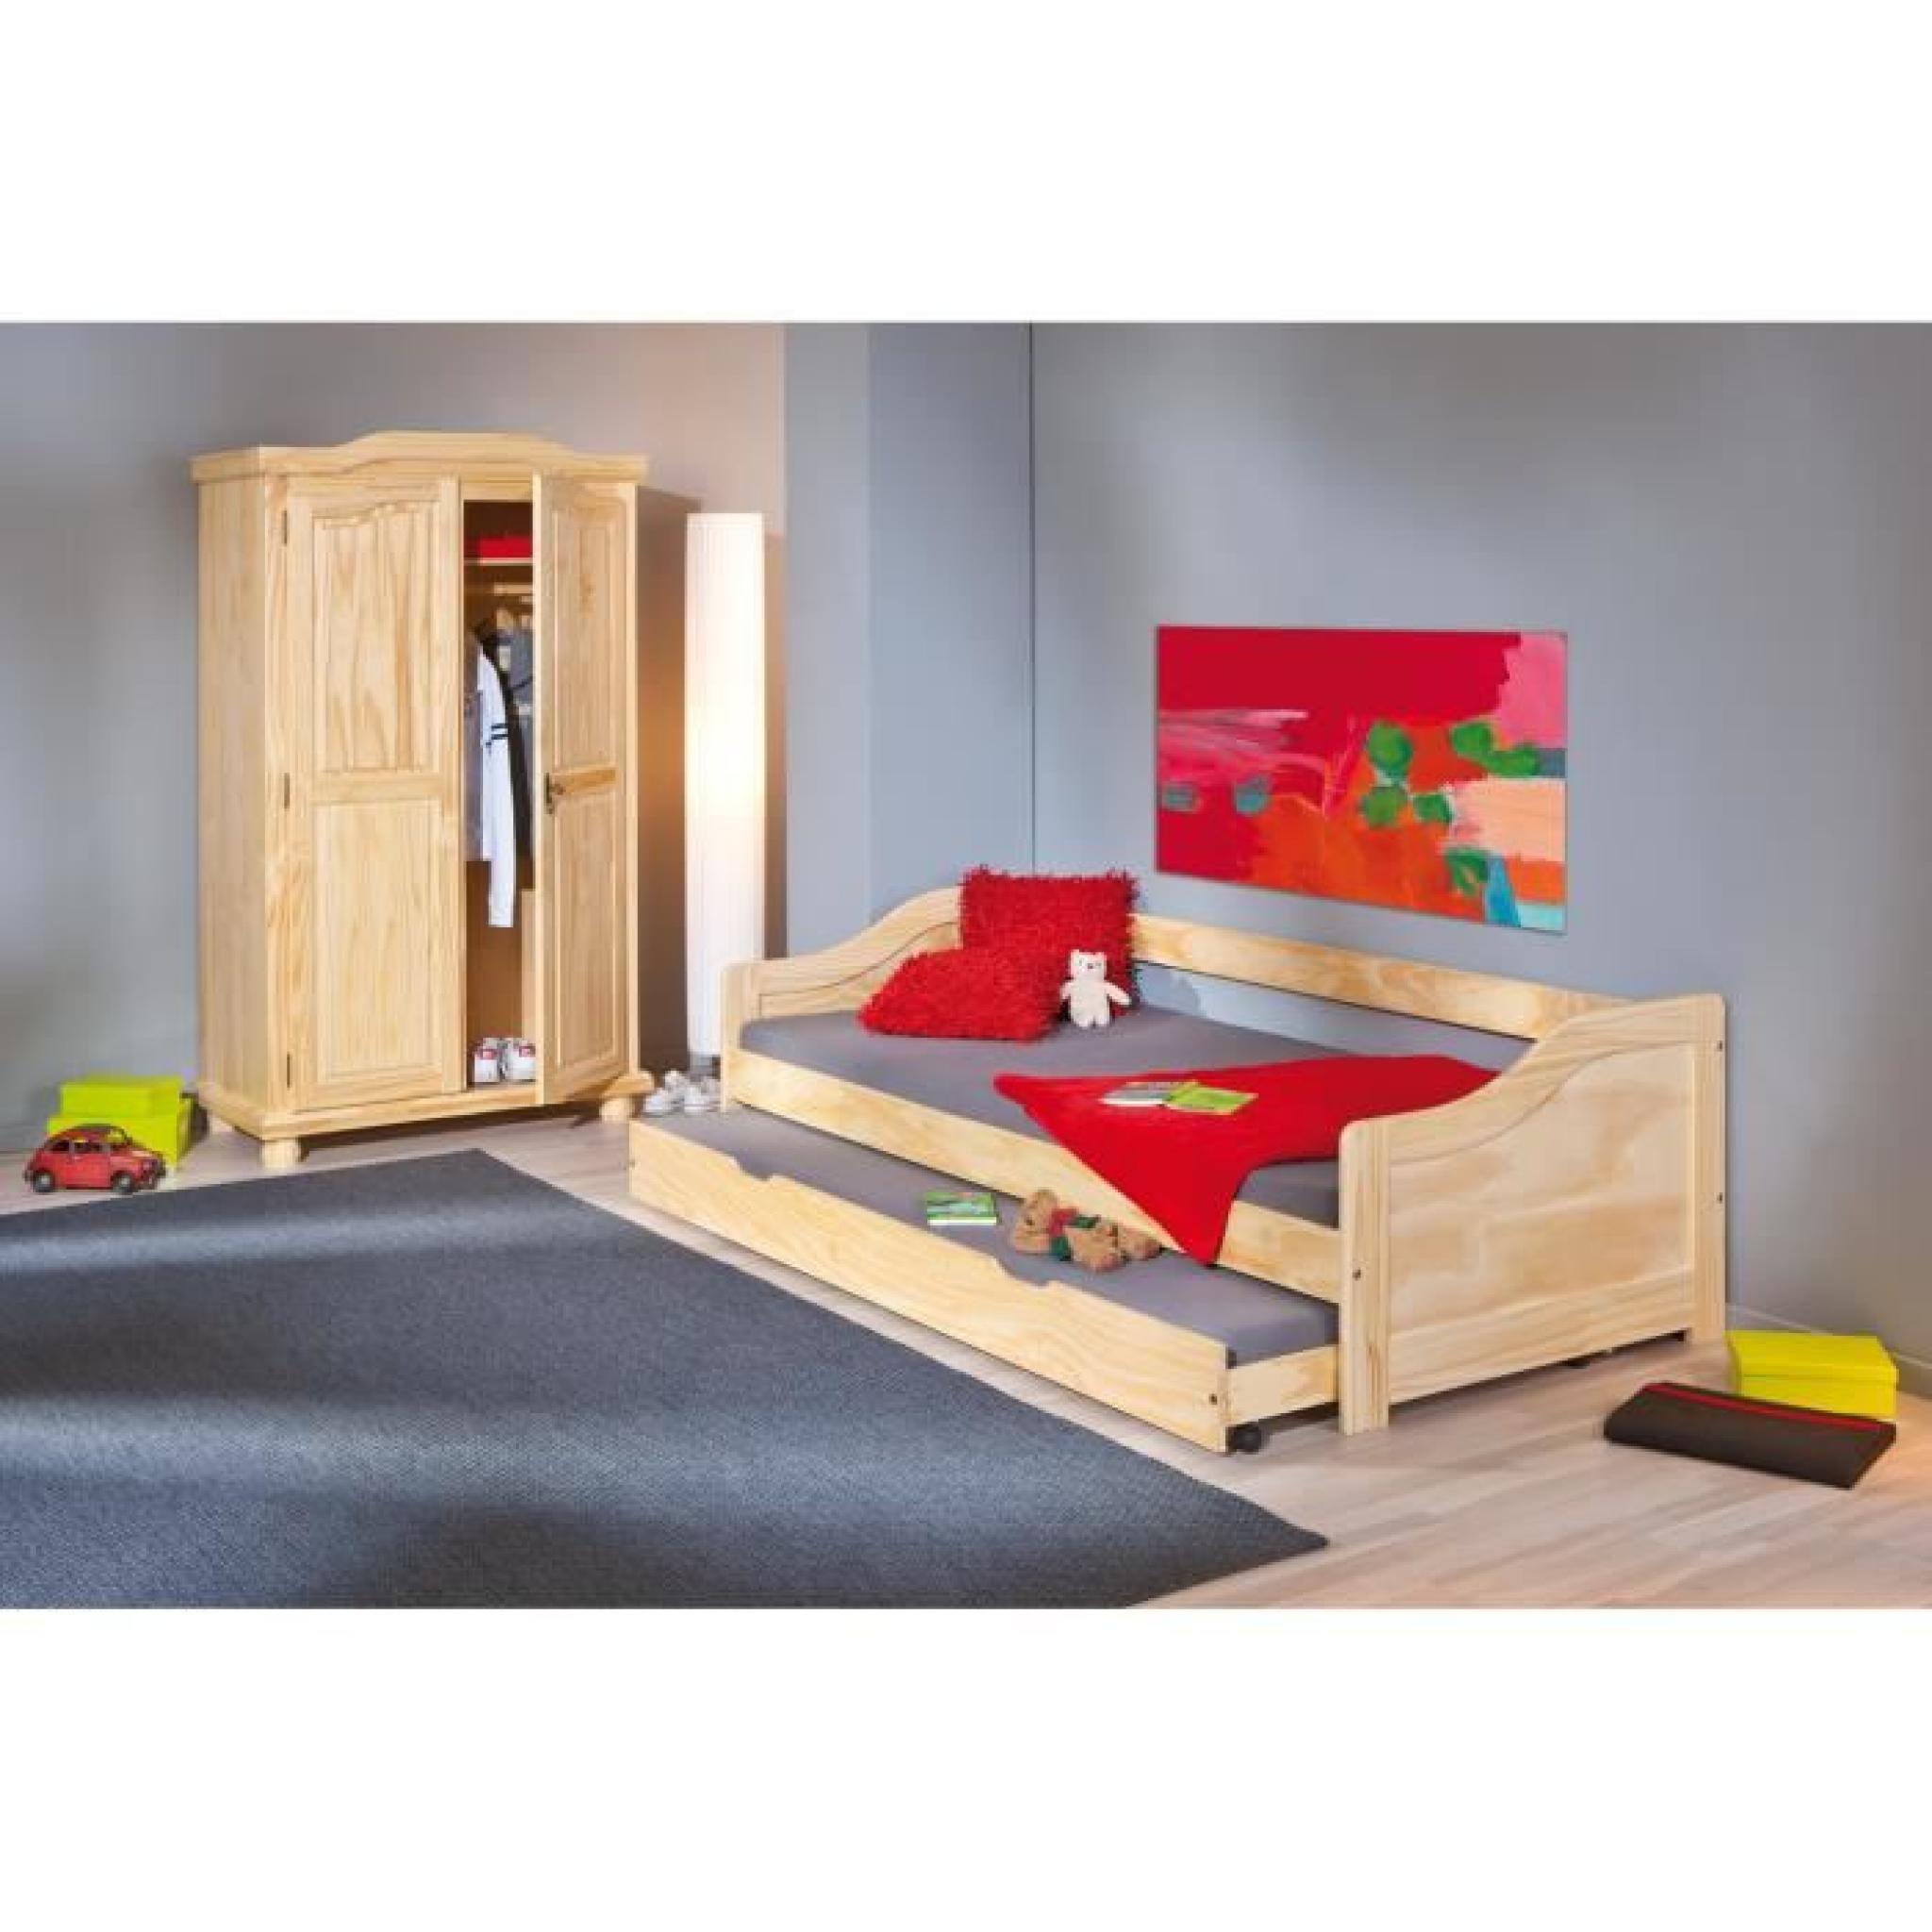 armoire rustique 2 portes en bois massif achat vente armoire de chambre pas cher couleur. Black Bedroom Furniture Sets. Home Design Ideas